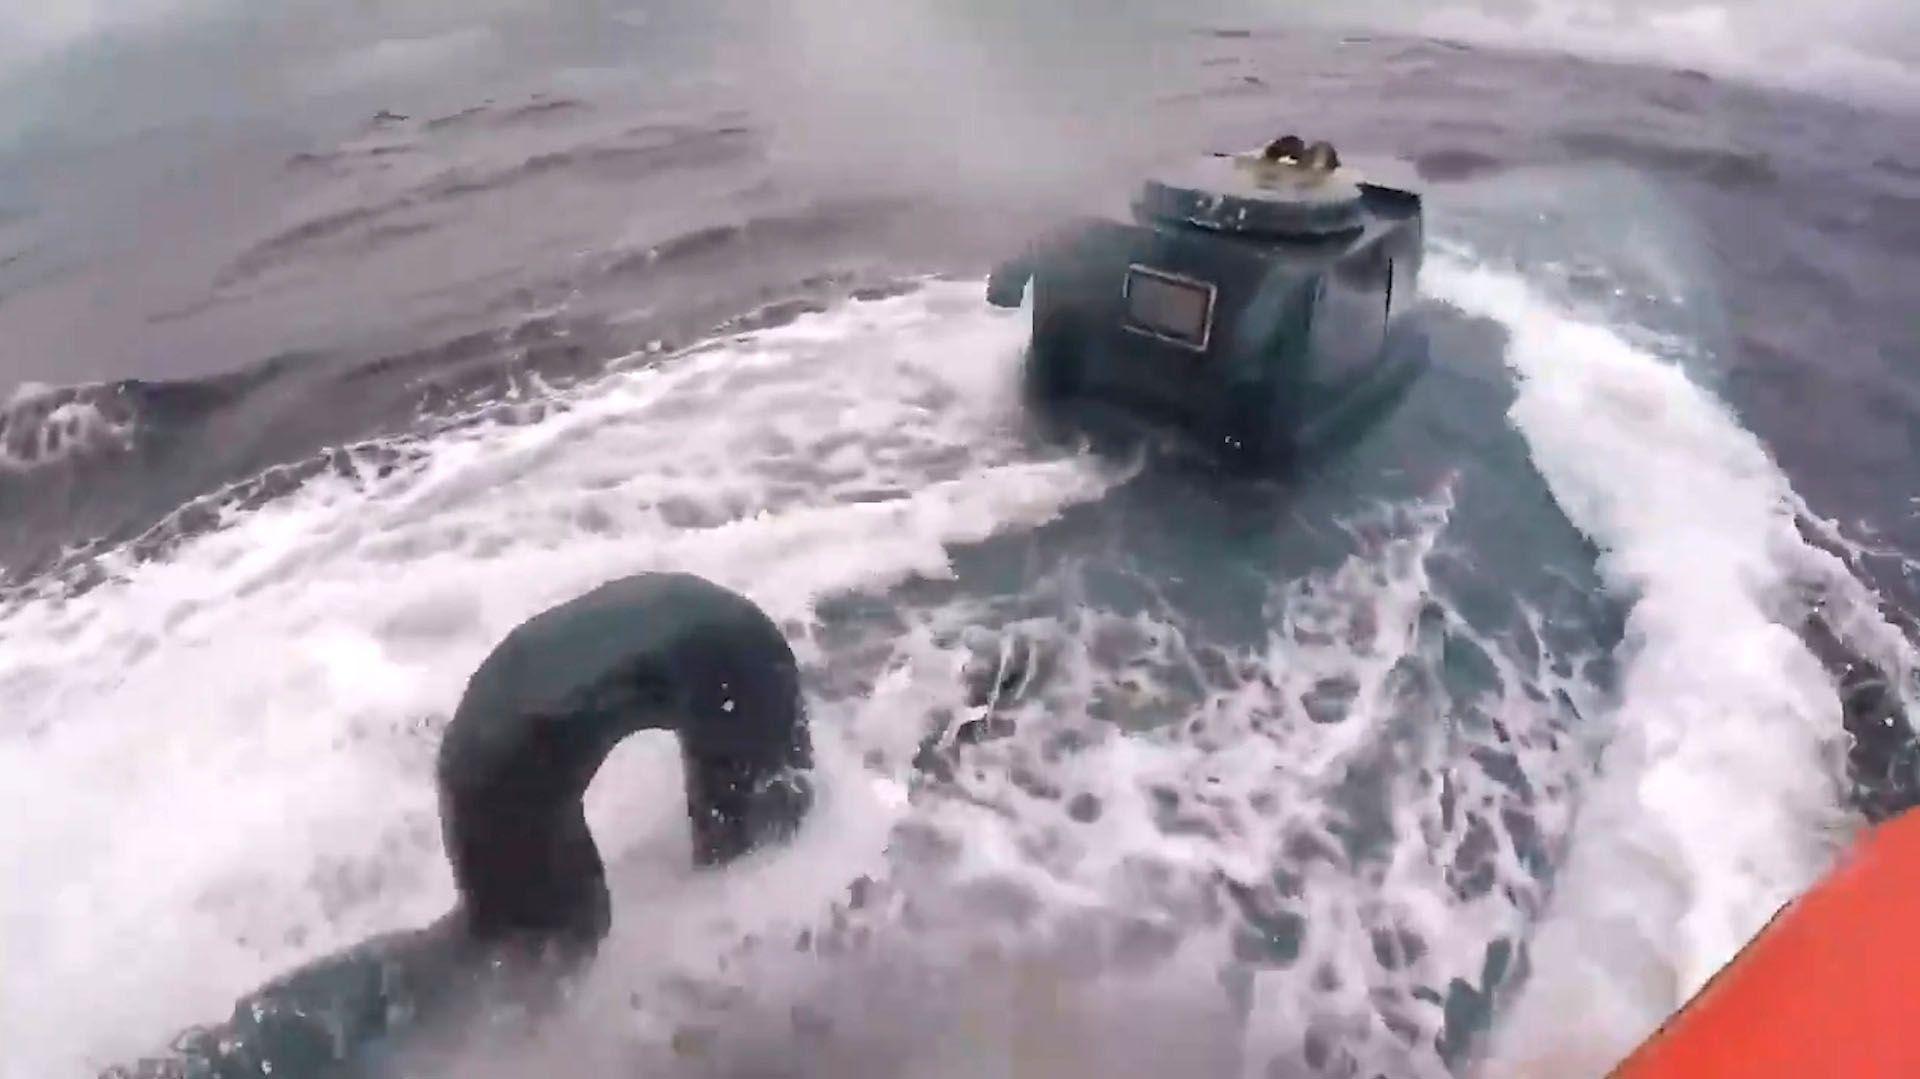 El jefe de la operación, a bordo de la embarcación de la Guardia Costera, es quién en el video indicó a los narcotraficantes que detuvieran la marcha. (Foto: captura de pantalla)